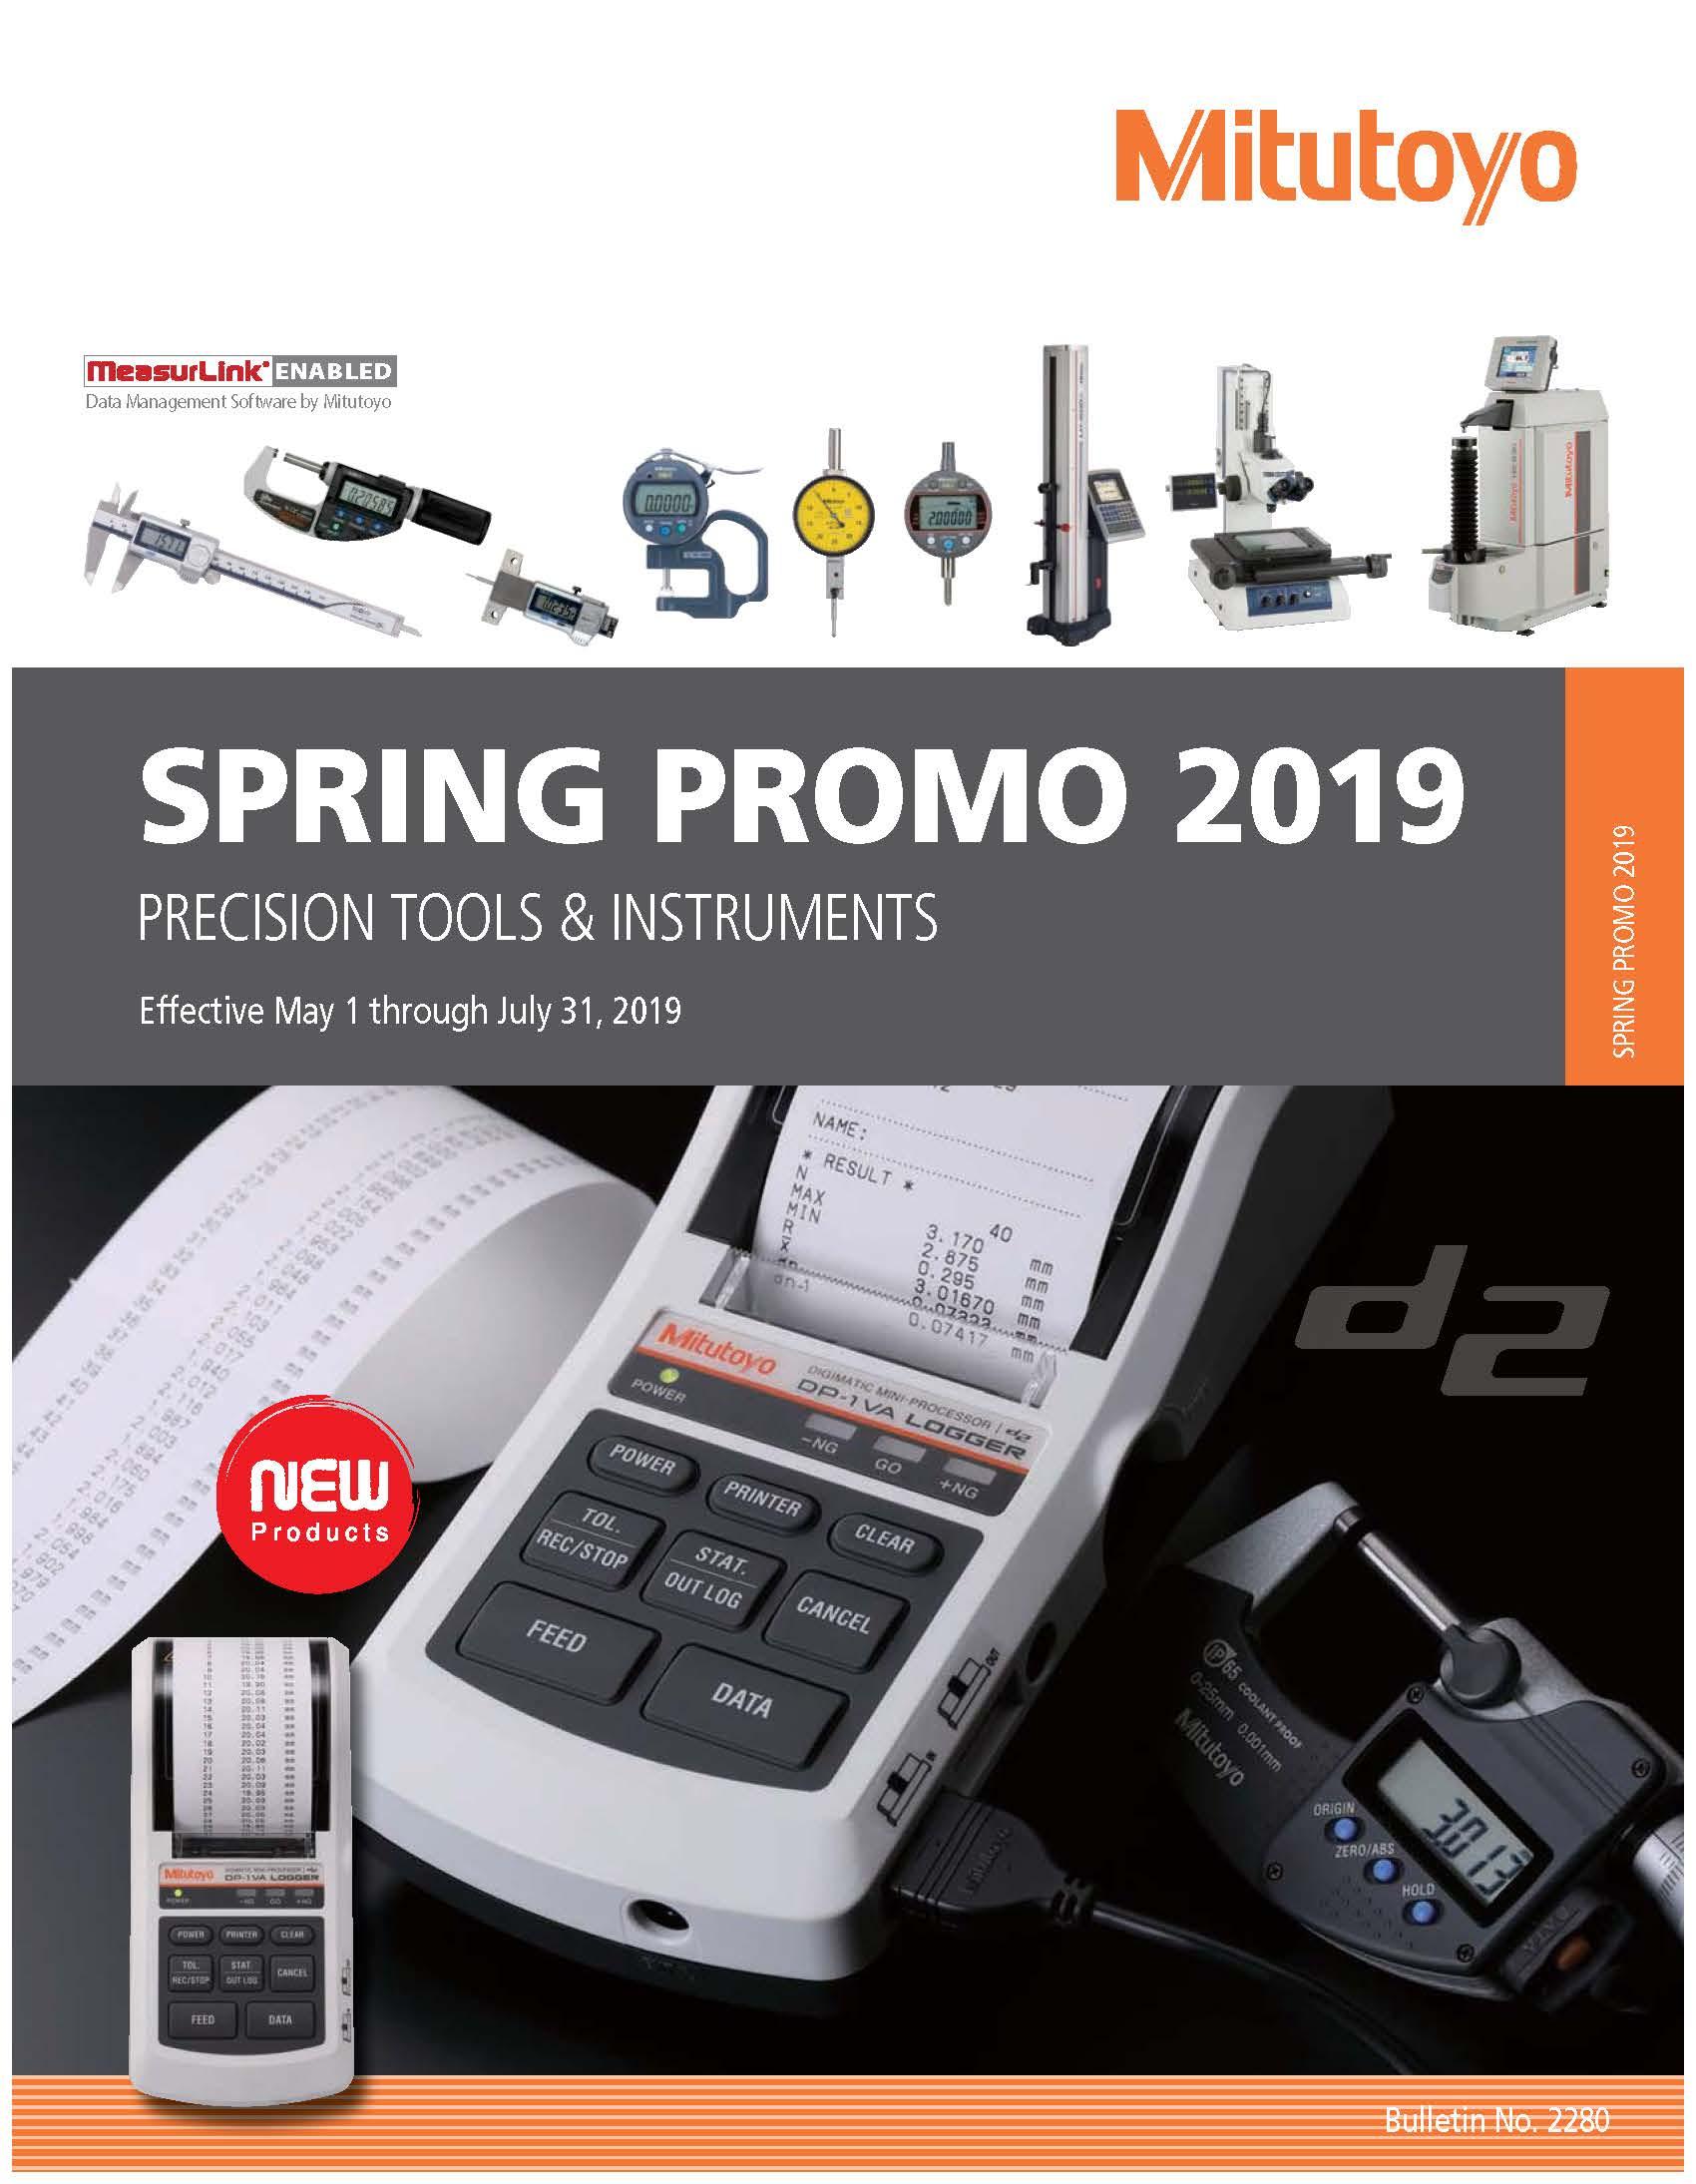 Mitutoyo spring promo 2019